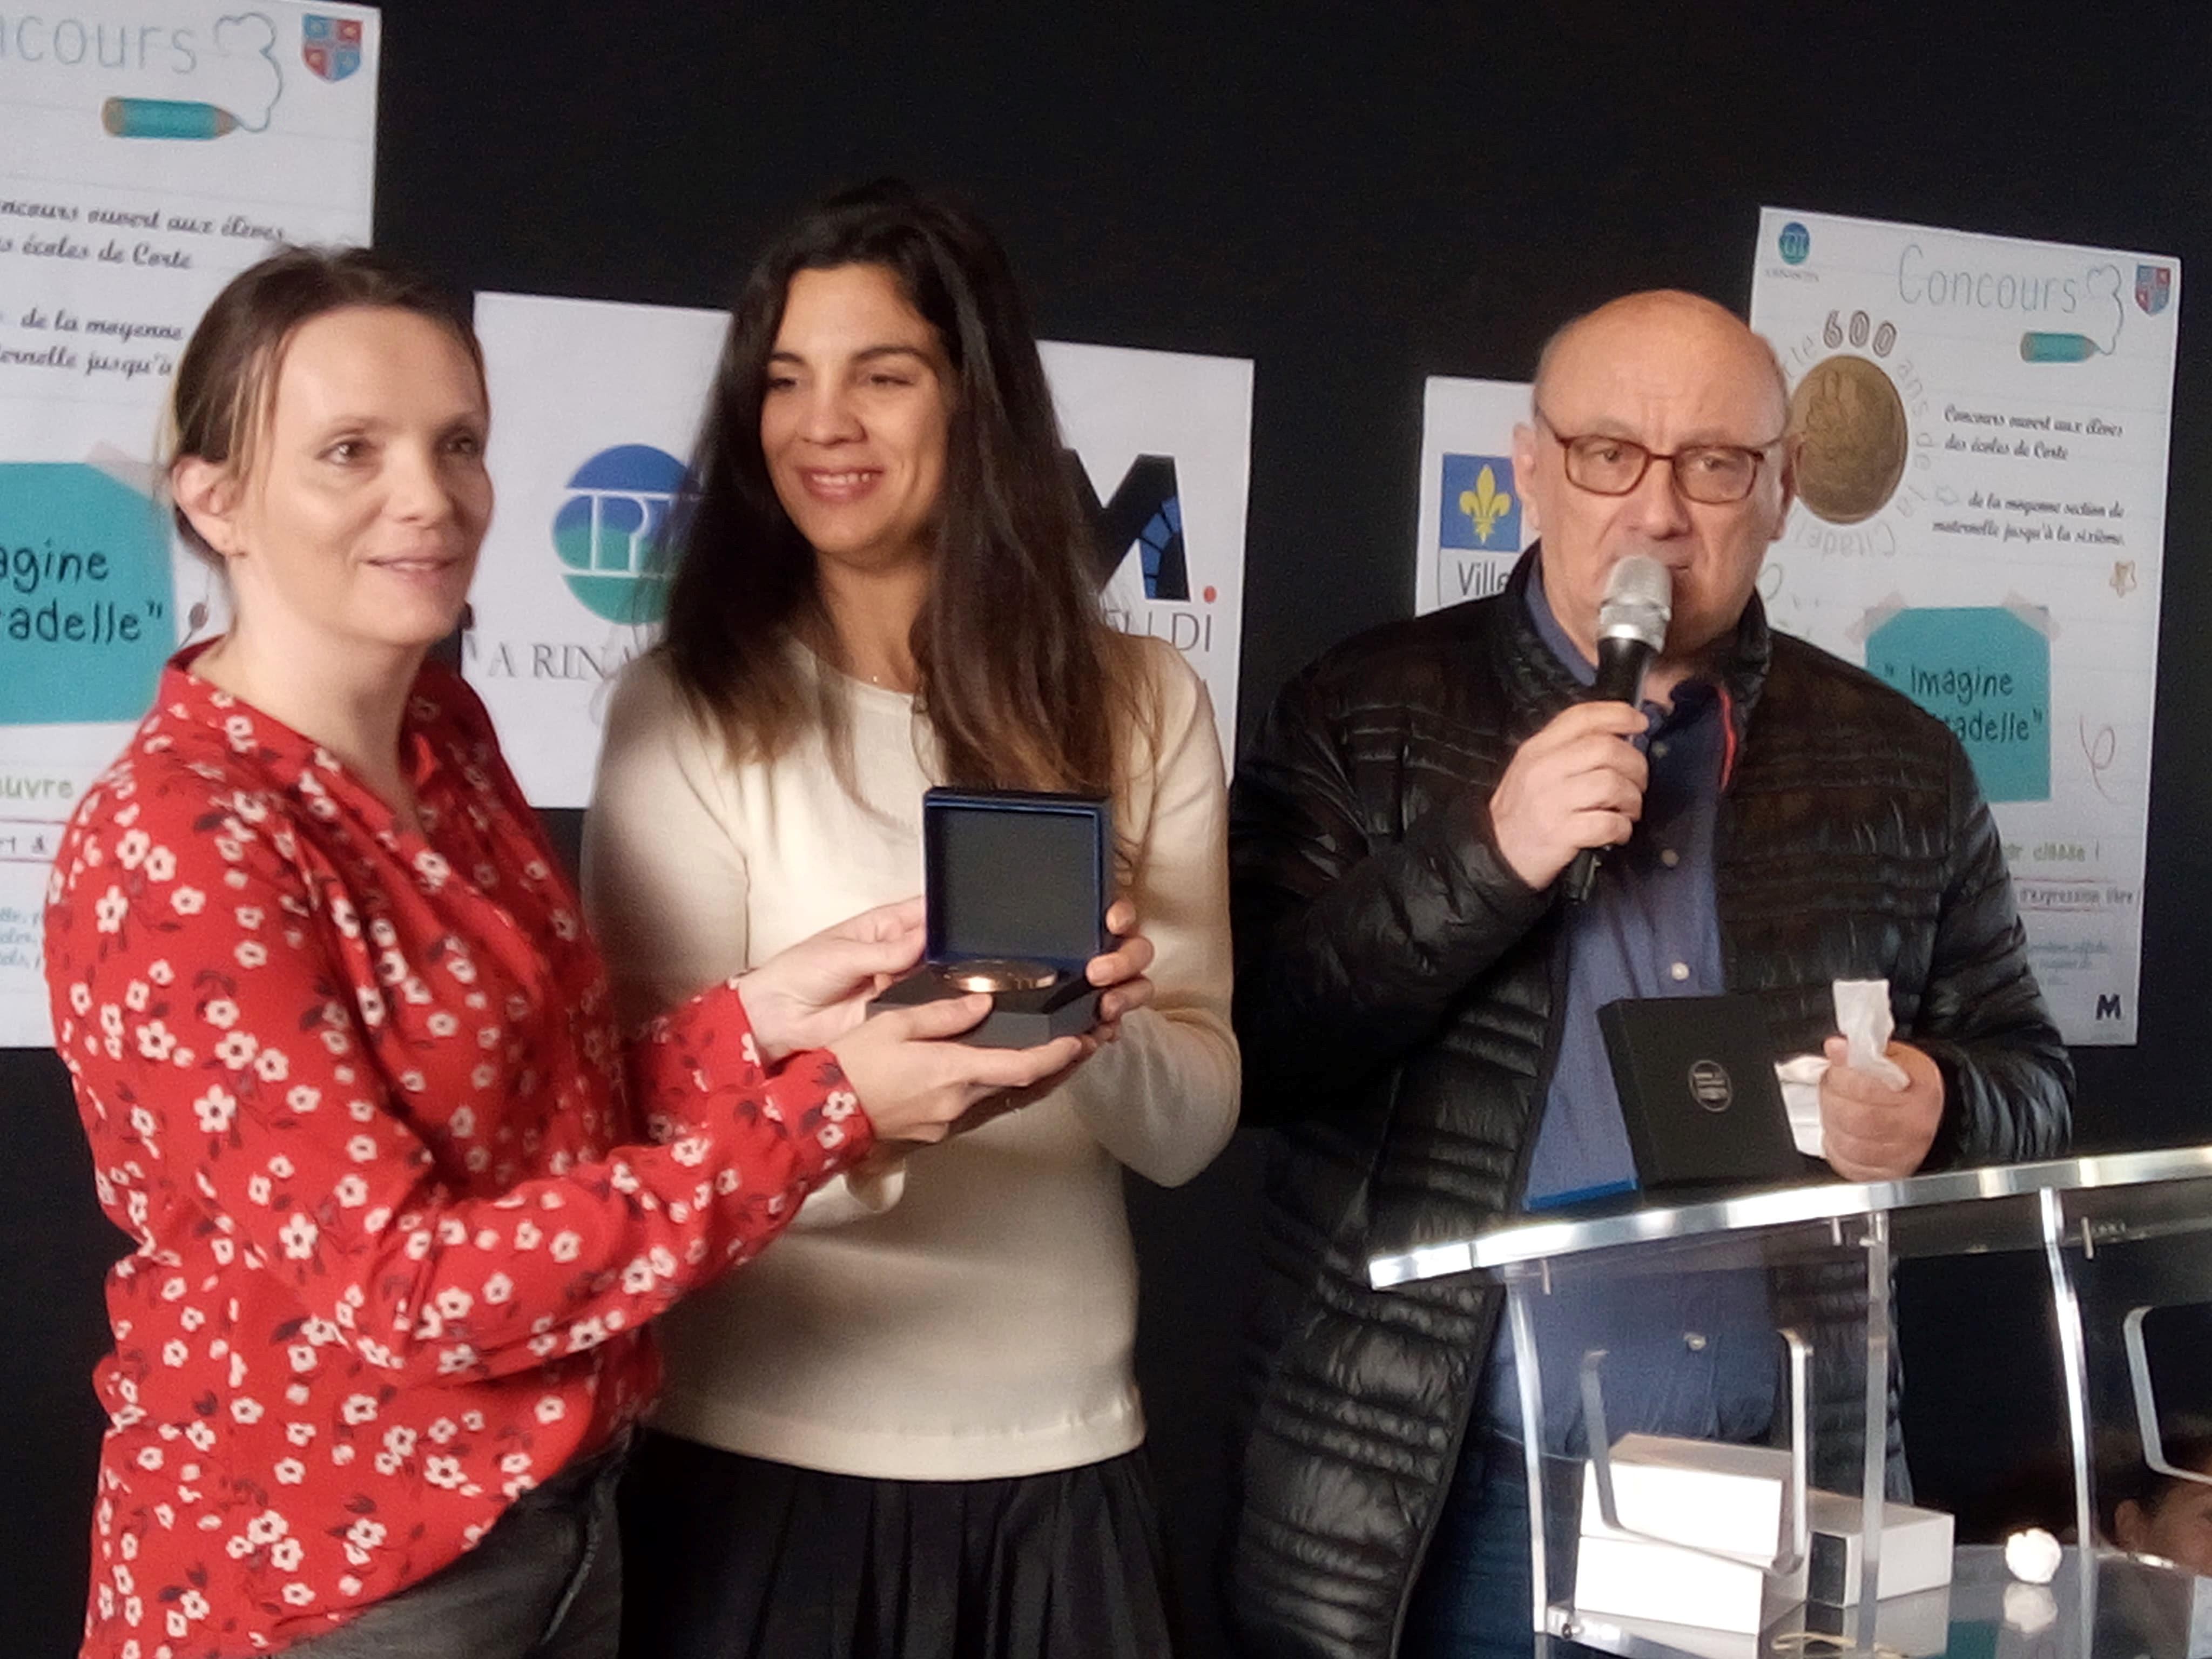 De gauche à droite : Mme Antonetti (professeur de maternelle), Céline Pietrera (coordinatrice pédagogique du CPIE) et Antoine Feracci (président du CPIE A Rinascita)